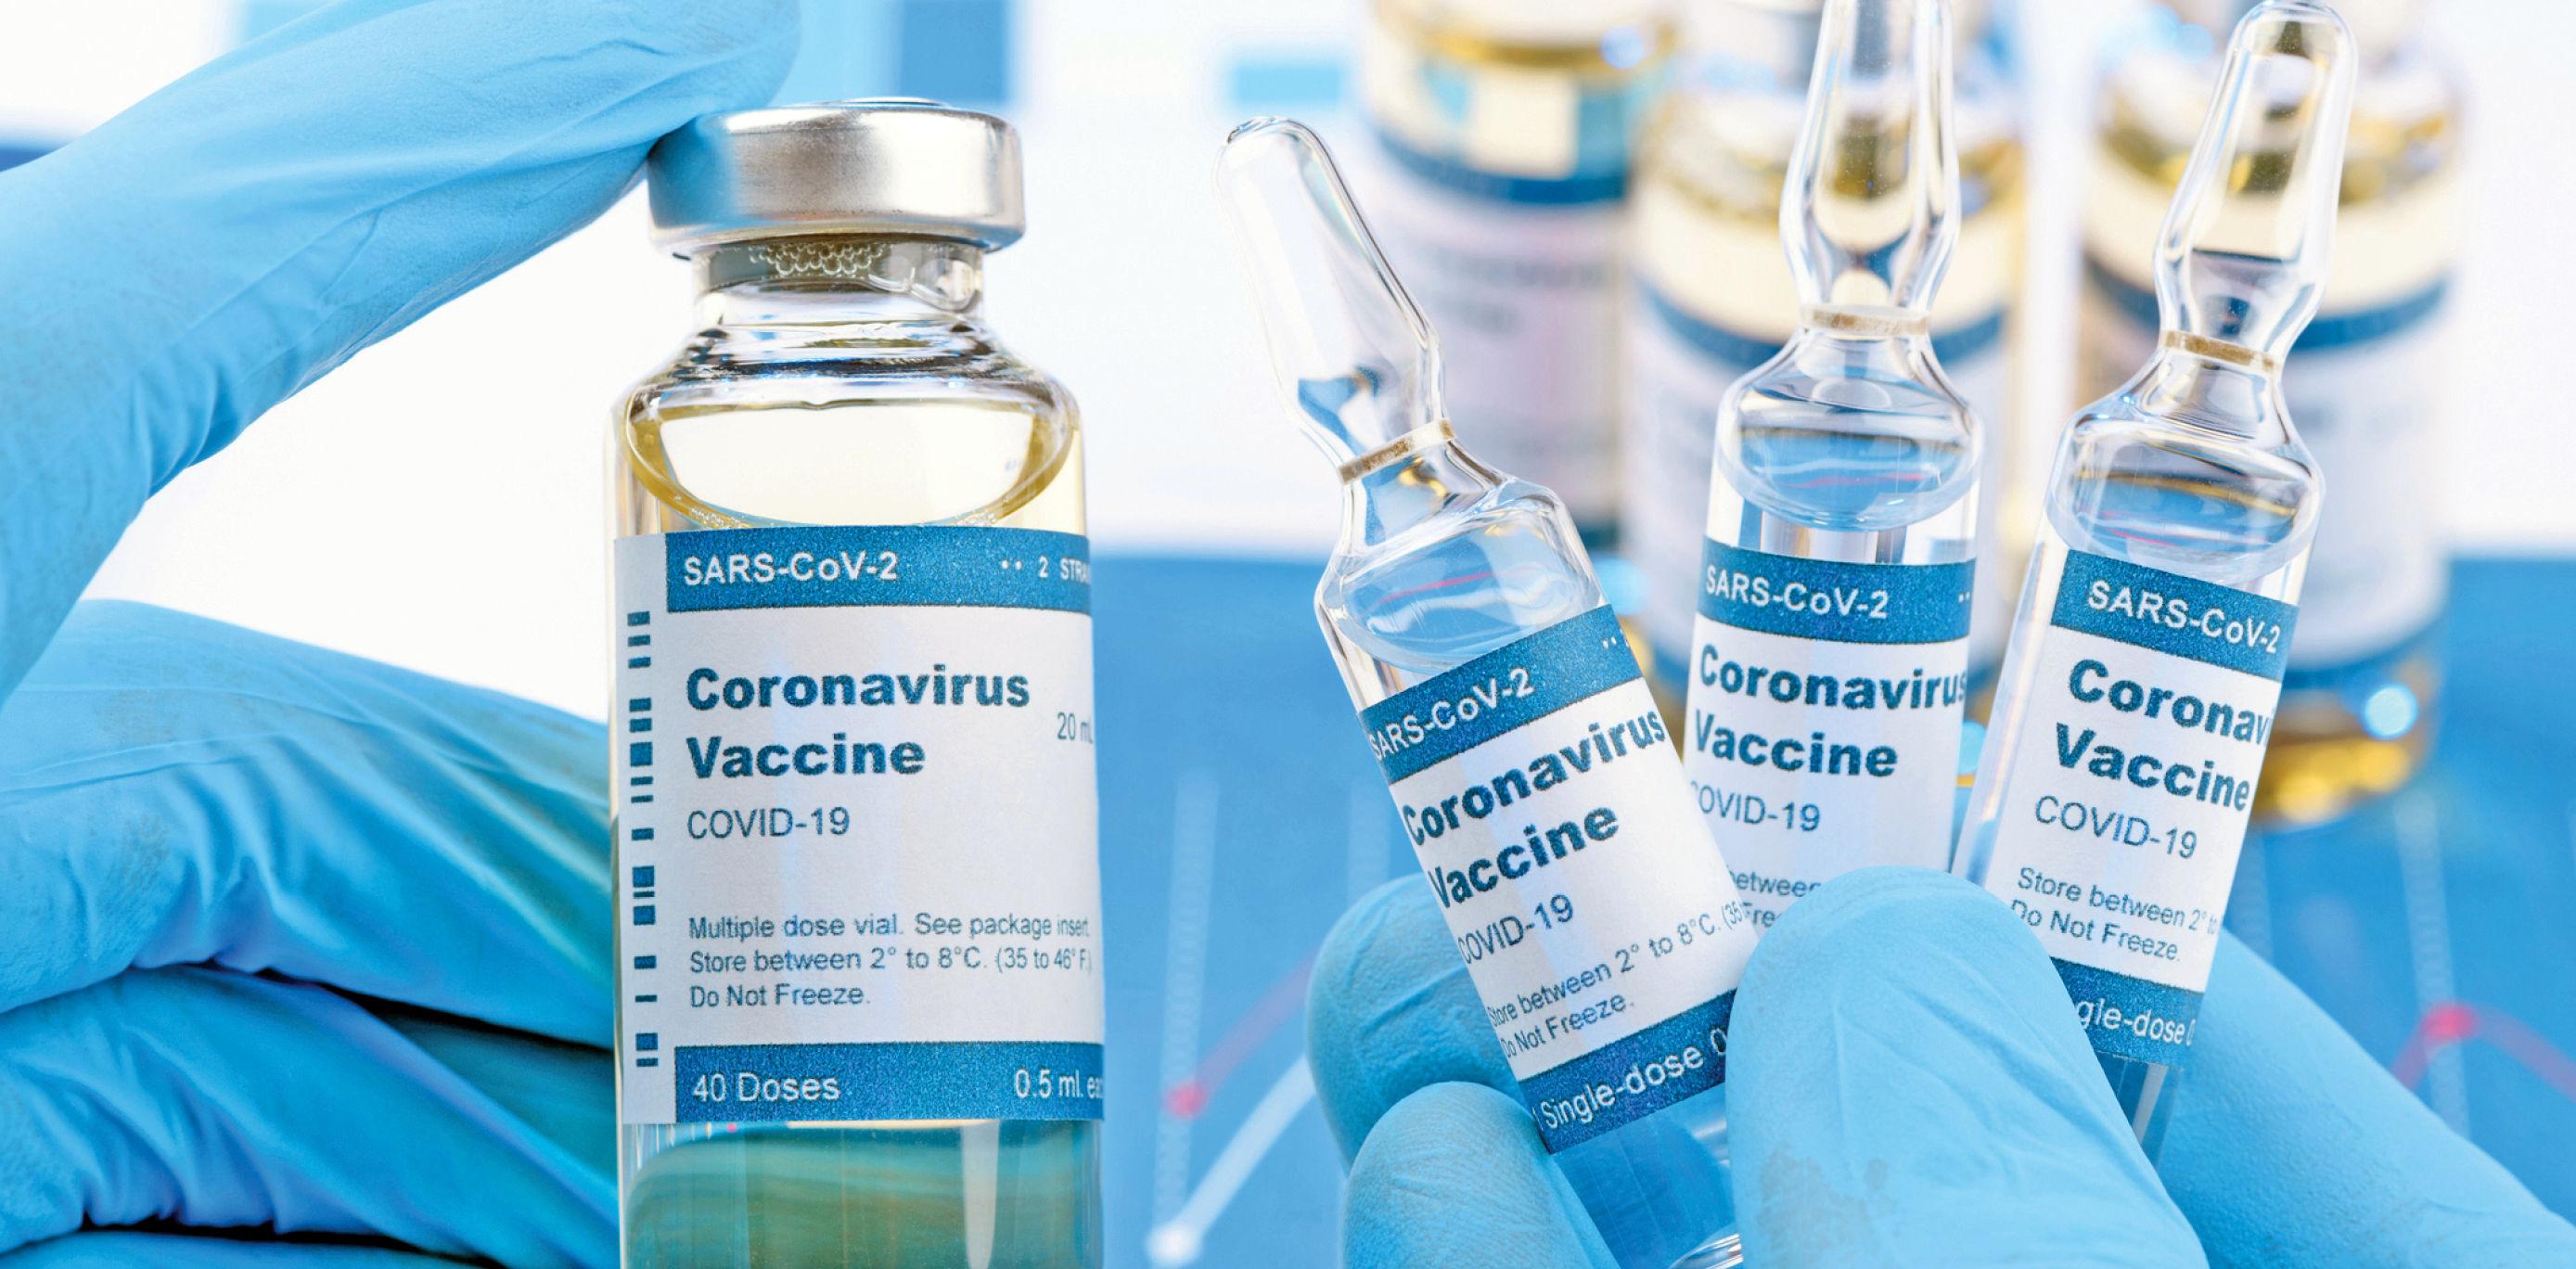 بررسی واکسیناسیون با دوزهای ترکیبی